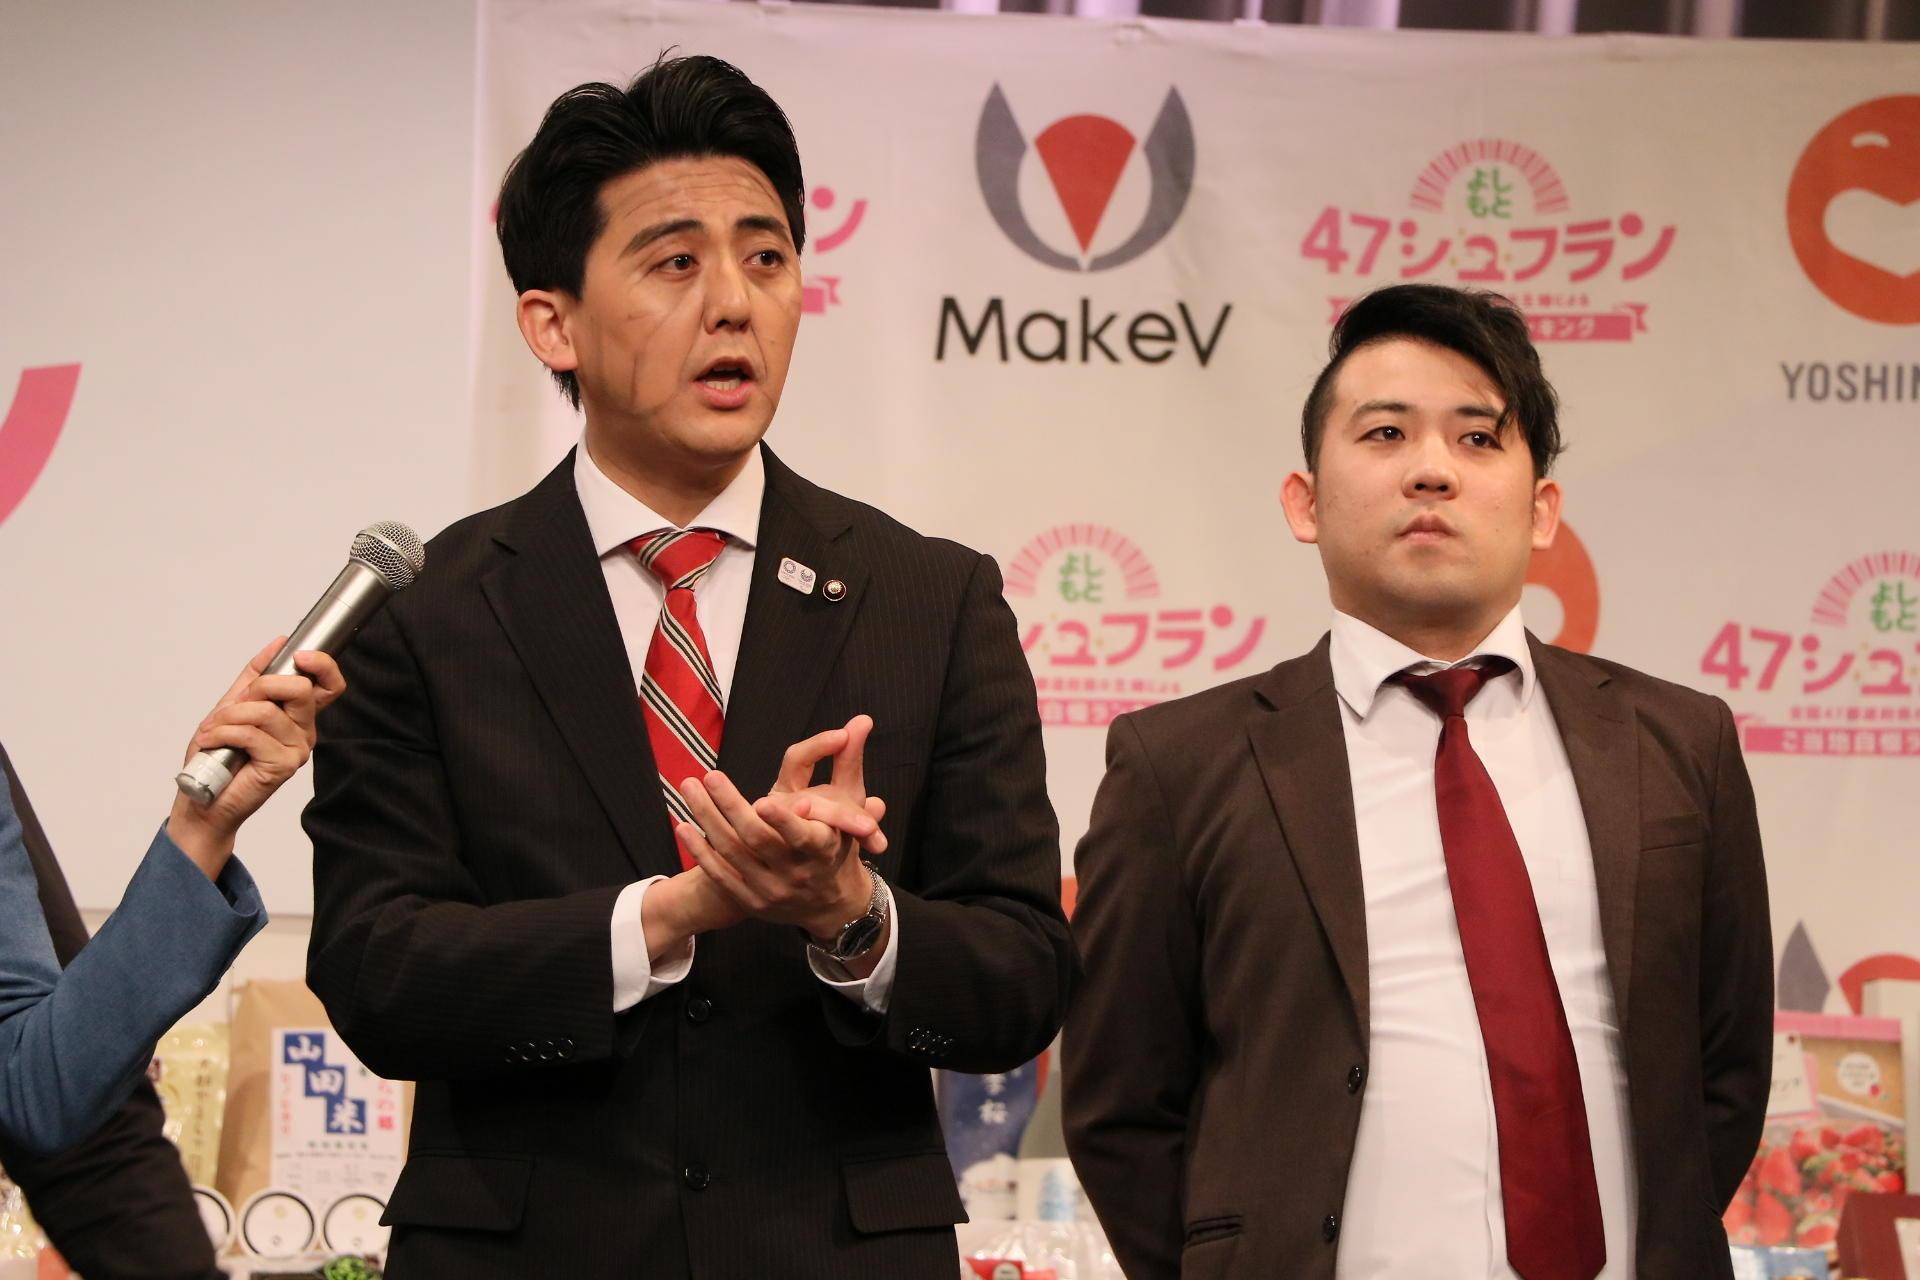 http://news.yoshimoto.co.jp/20180313171411-bf55cd879dd9bfed05f8a34cdf88c052f643eb20.jpg